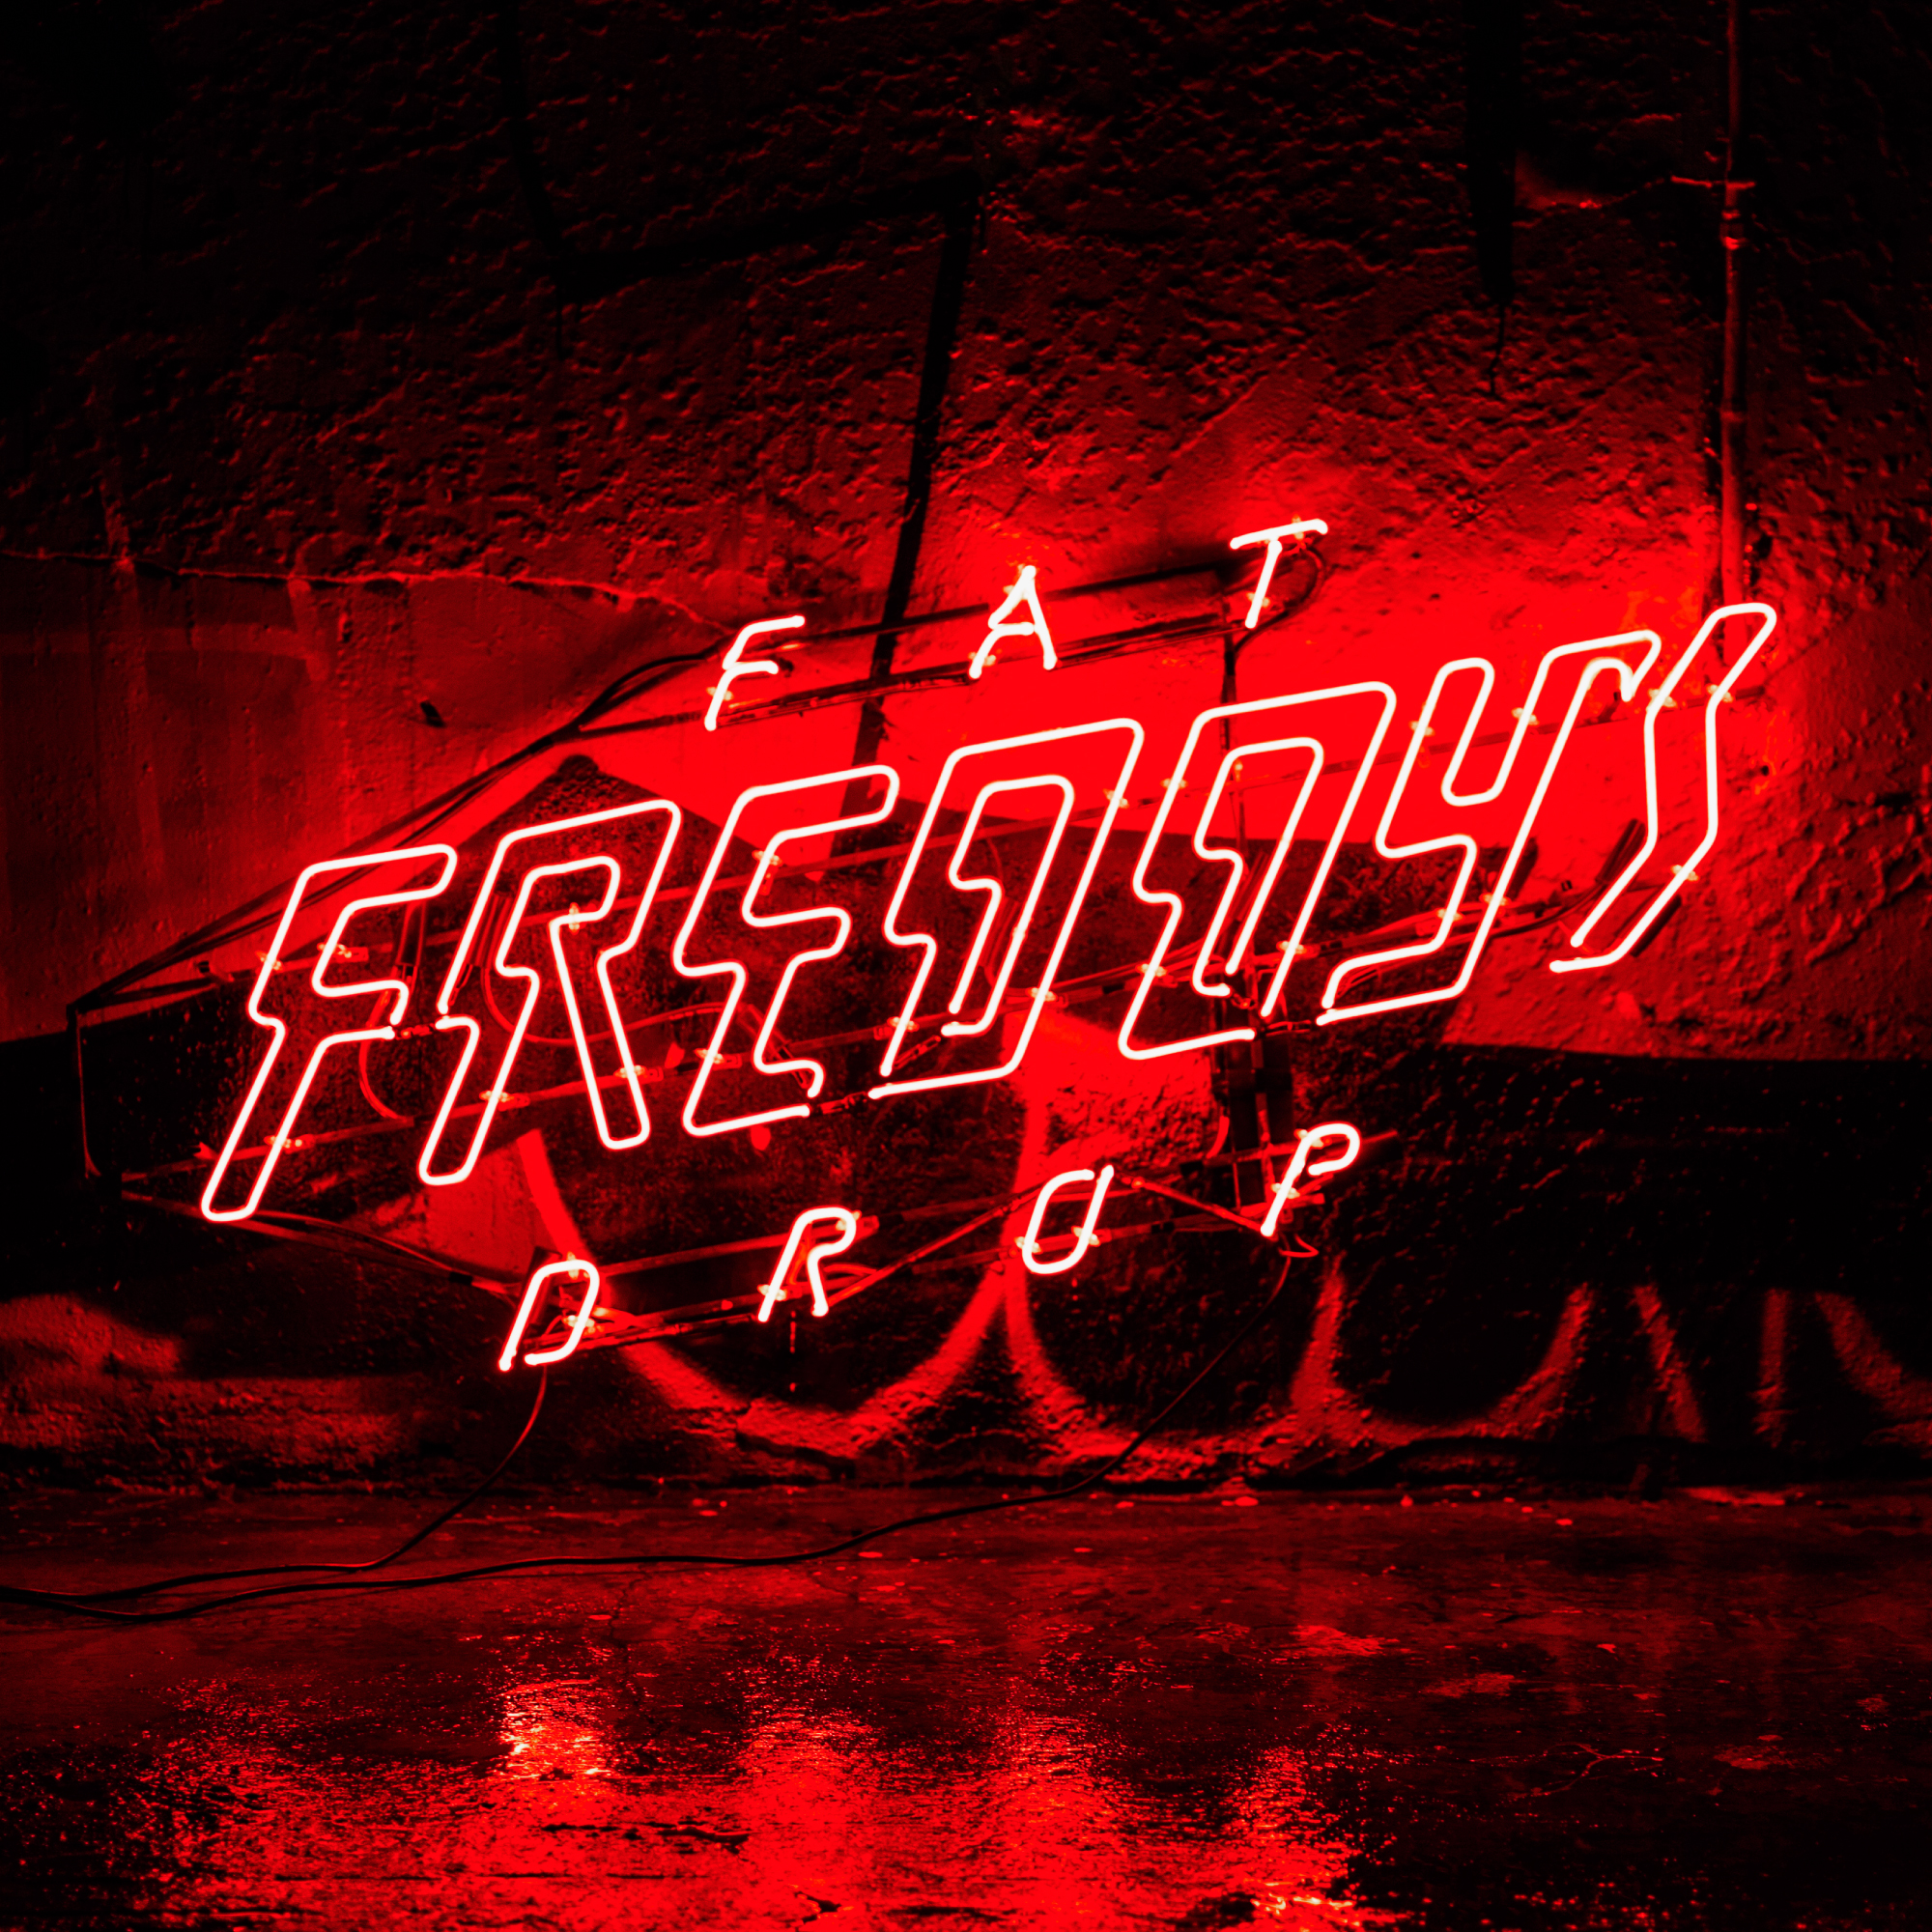 Fat Freddys Drop Free Listening on SoundCloud